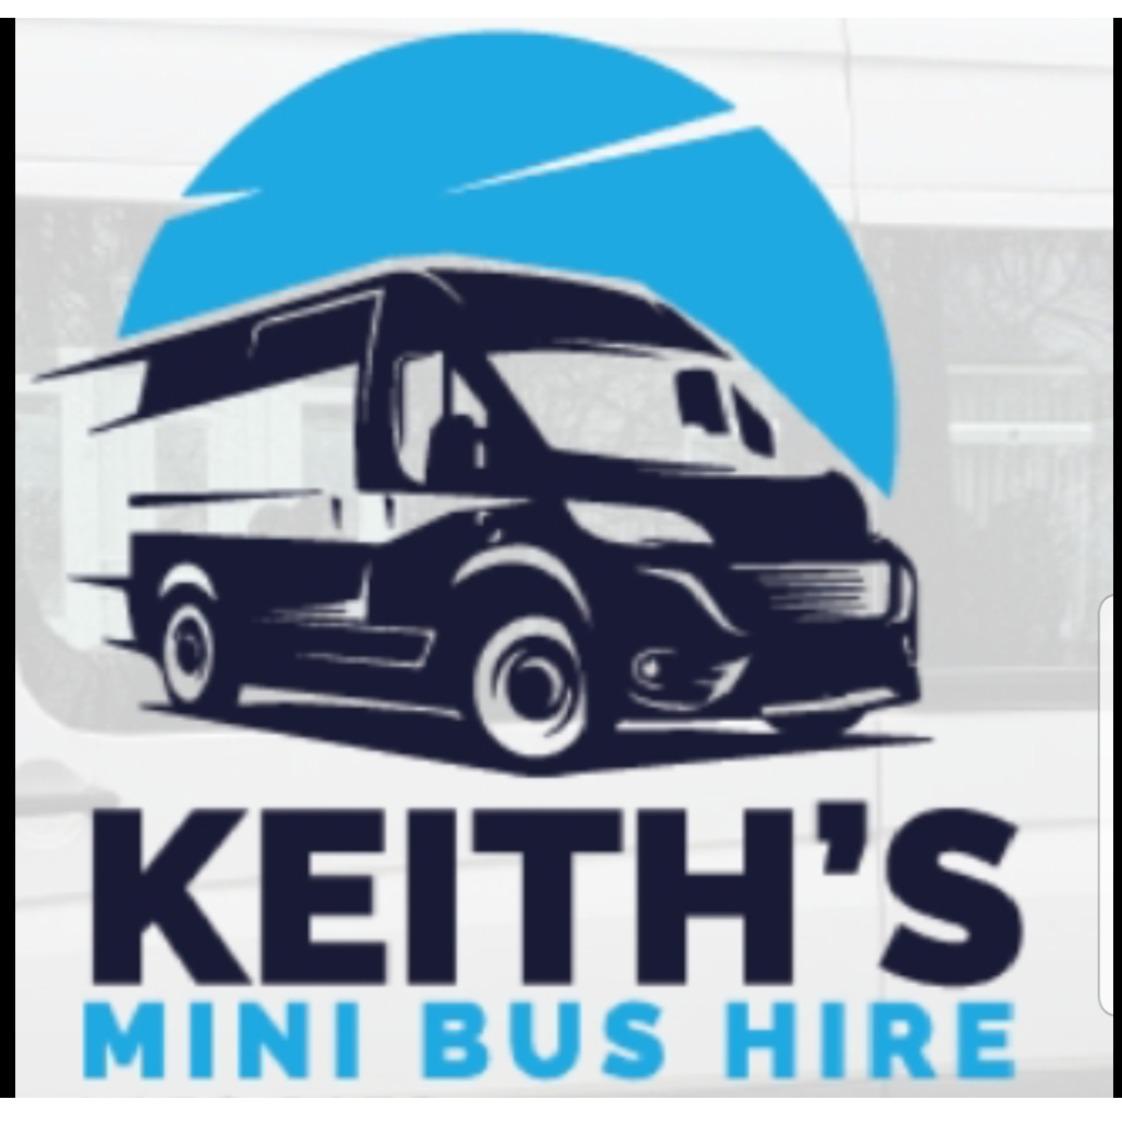 Keith's Minibus Hire